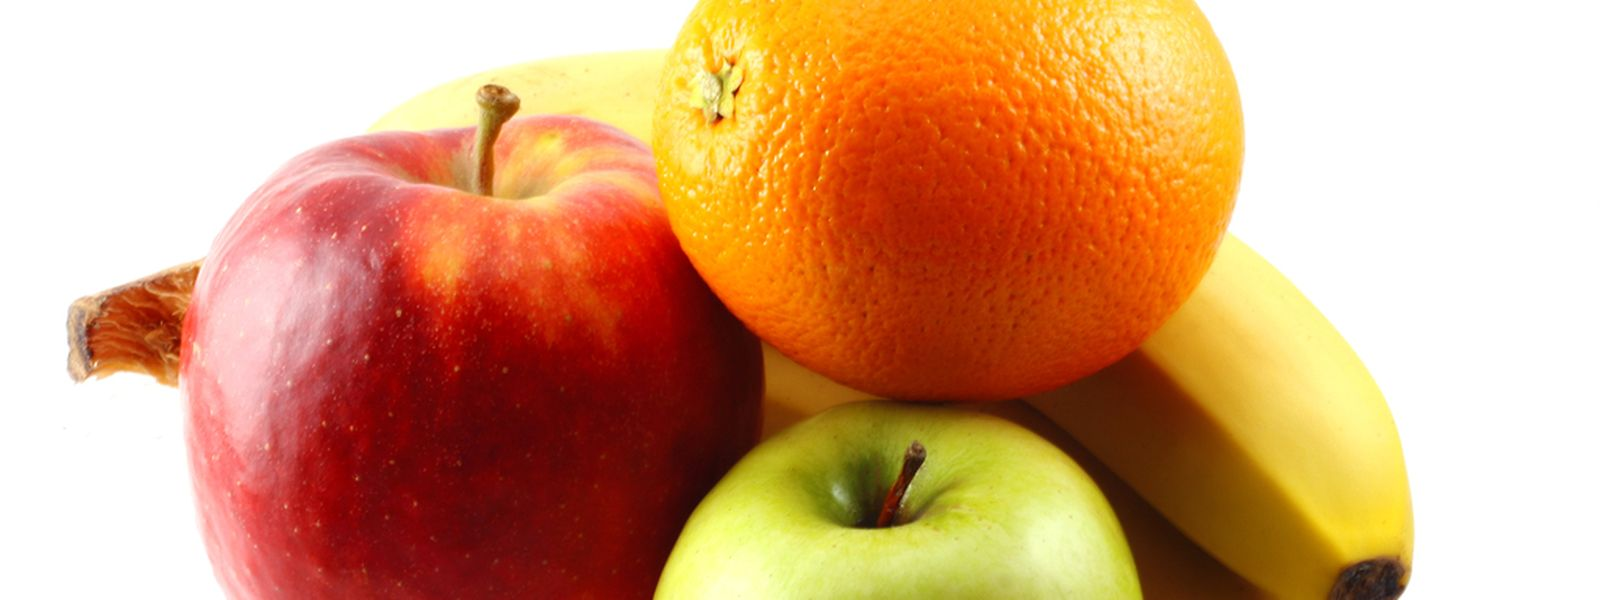 Äpfel beeinflussen den Reifegrad umliegender Früchte.